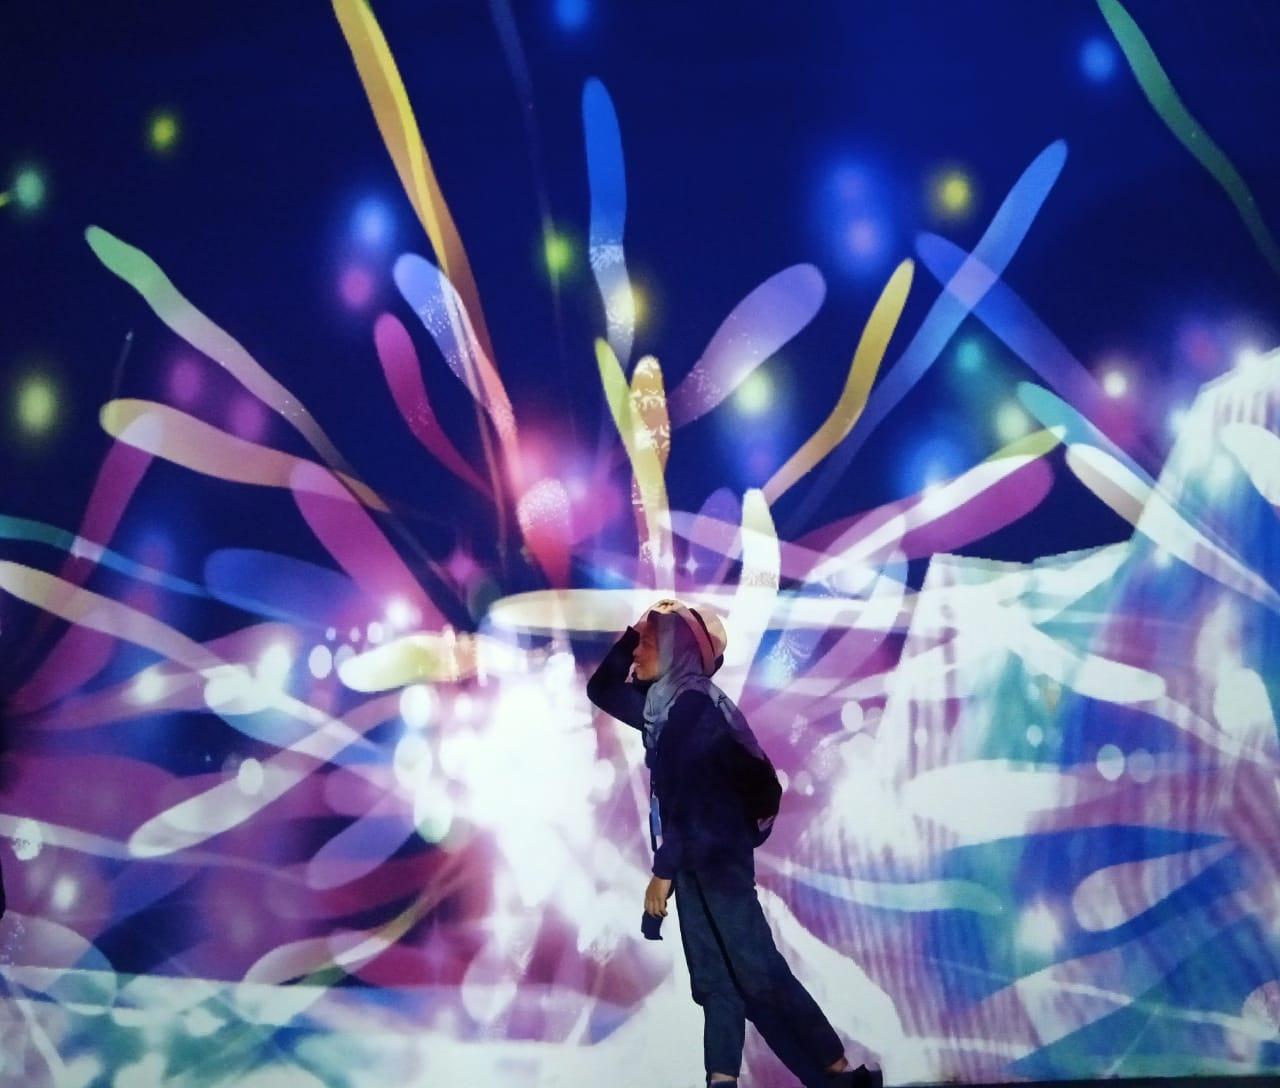 Wahana Lighting Terbesar di ASEAN, Milenial Glow Garden ...